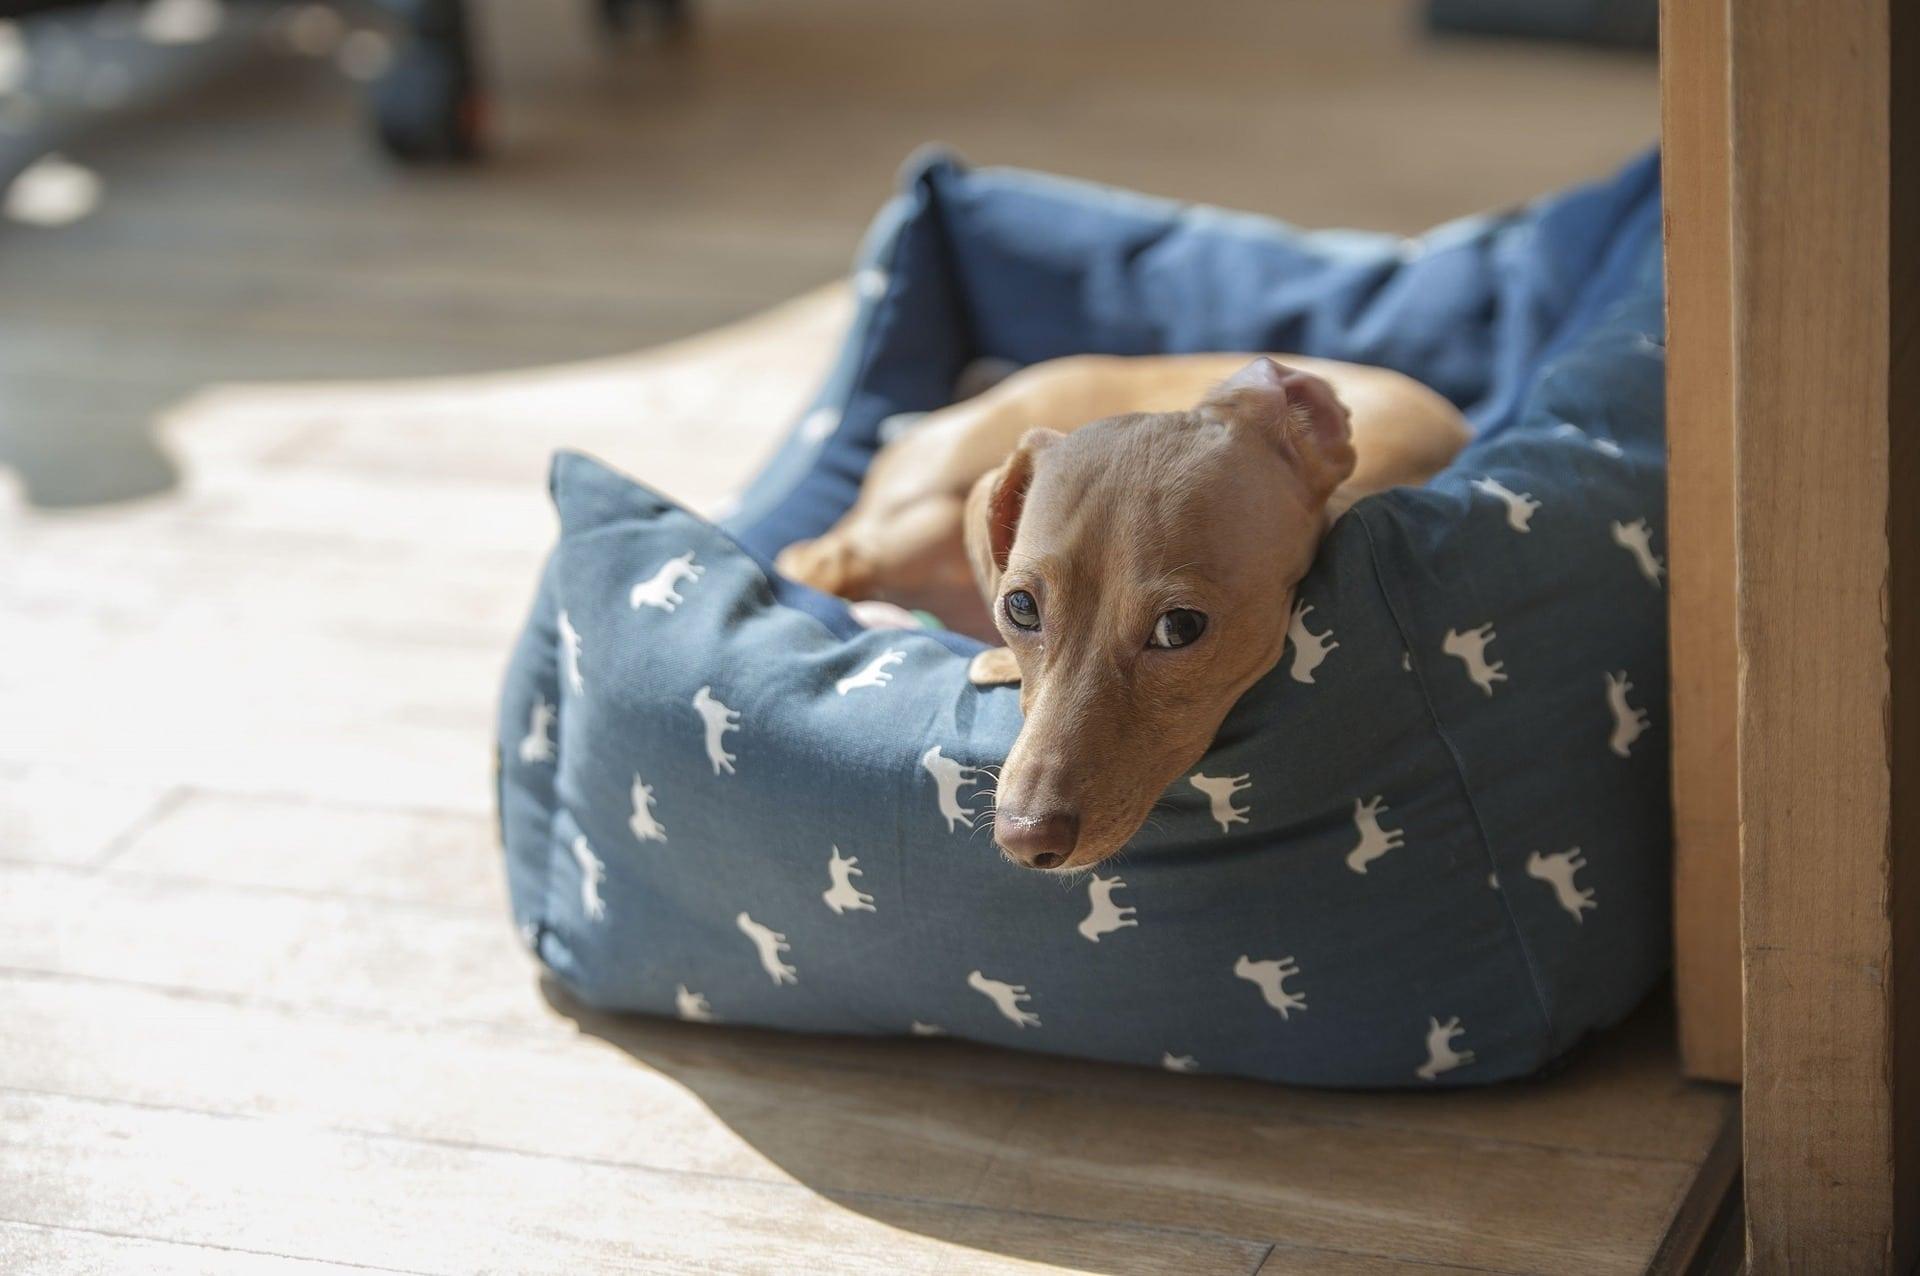 Si tu perro pasa mucho tiempo en la cama, quizás esté enfermo